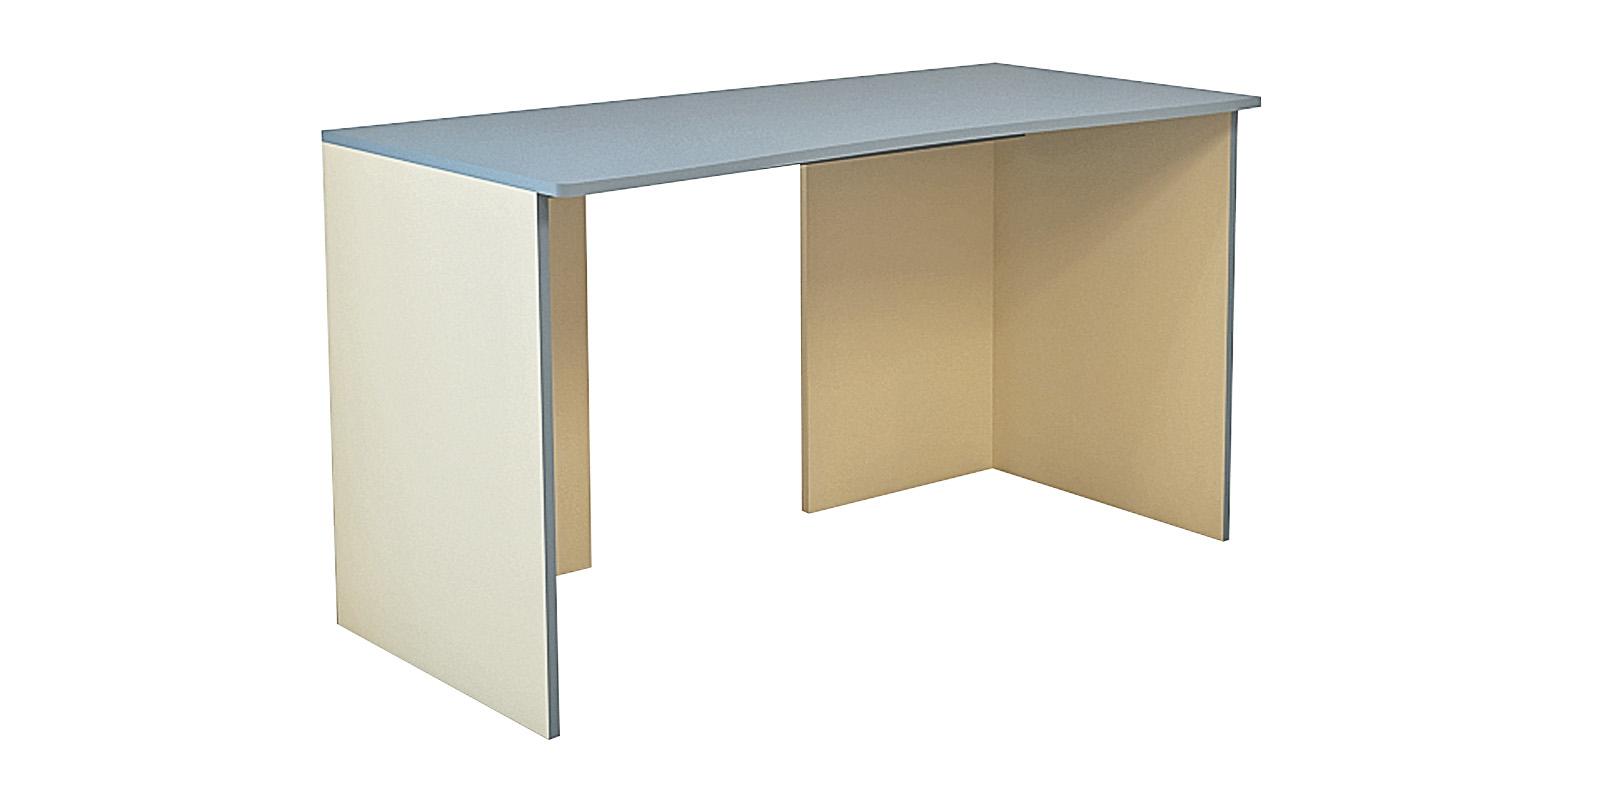 Стол письменный Нова 150 см (бежевый/голубой)